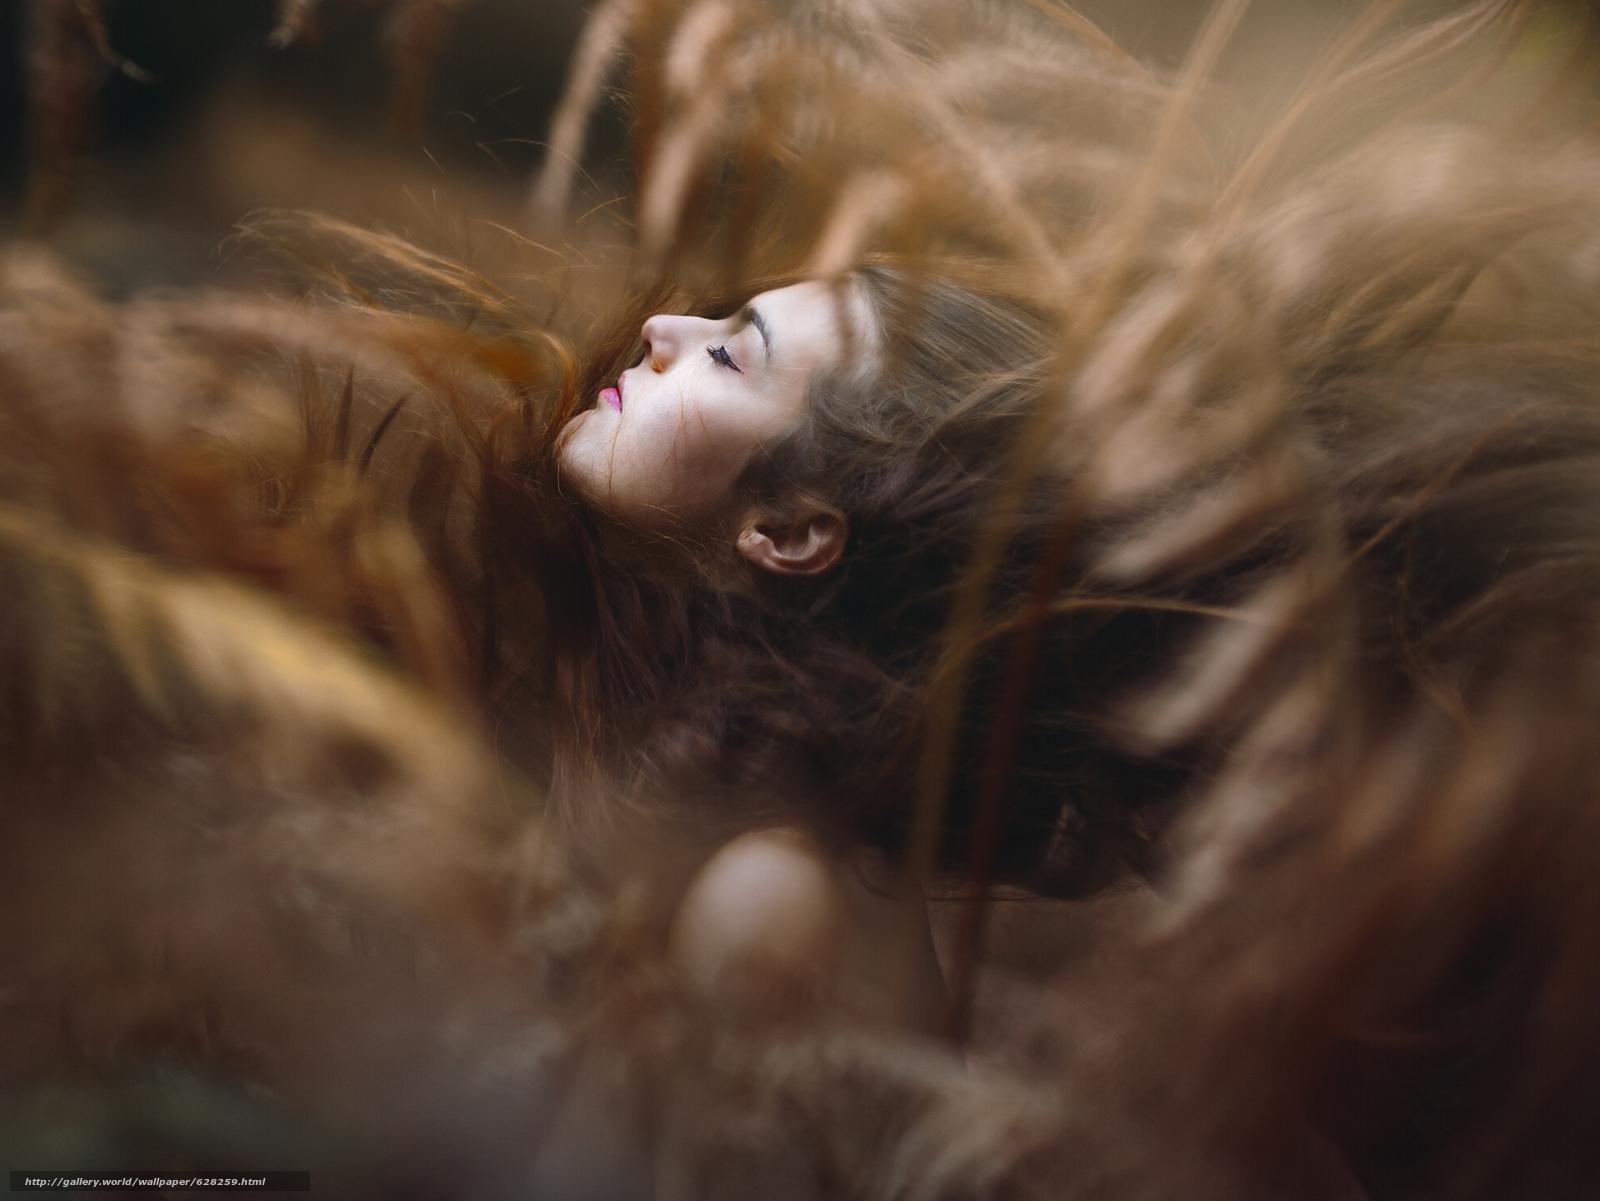 Скачать на телефон обои фото картинку на тему девушка, лицо, волосы, настроение, боке, разширение 1920x1441